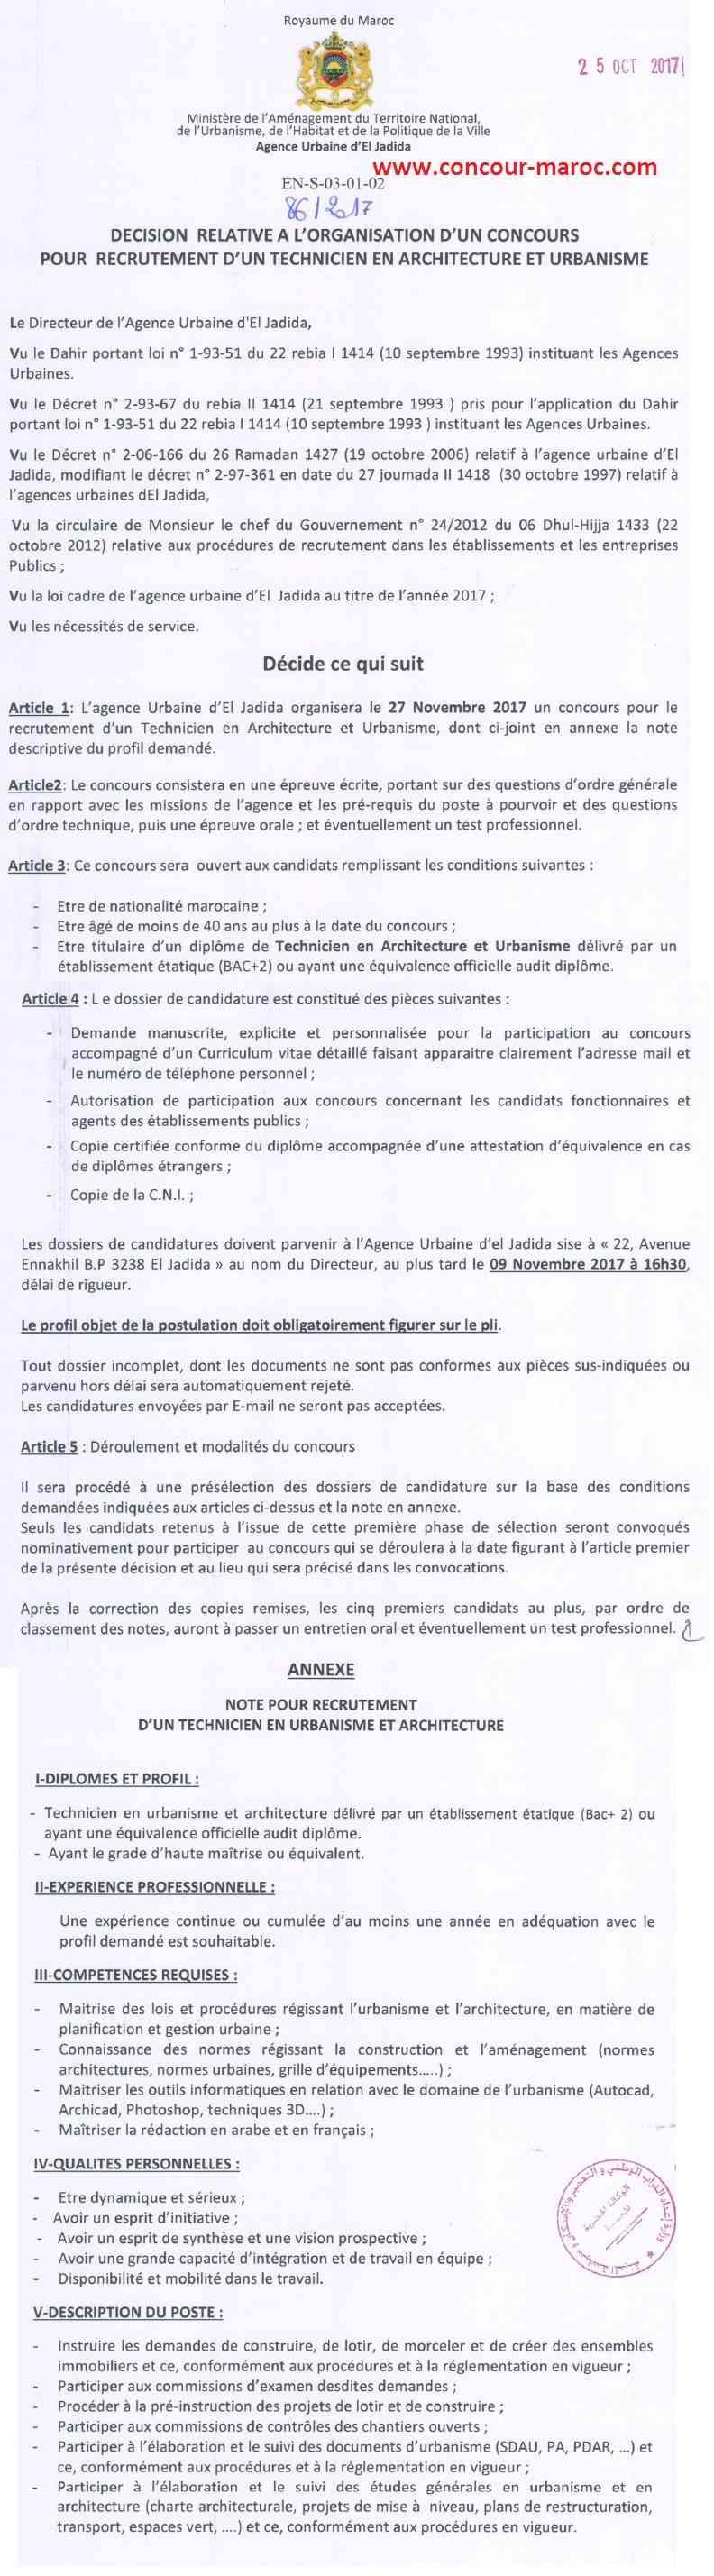 الوكالة الحضرية للجديدة : مباراة لتوظيف 03 تقنيين آخر أجل لإيداع الترشيحات 9 نونبر 2017 Agence14